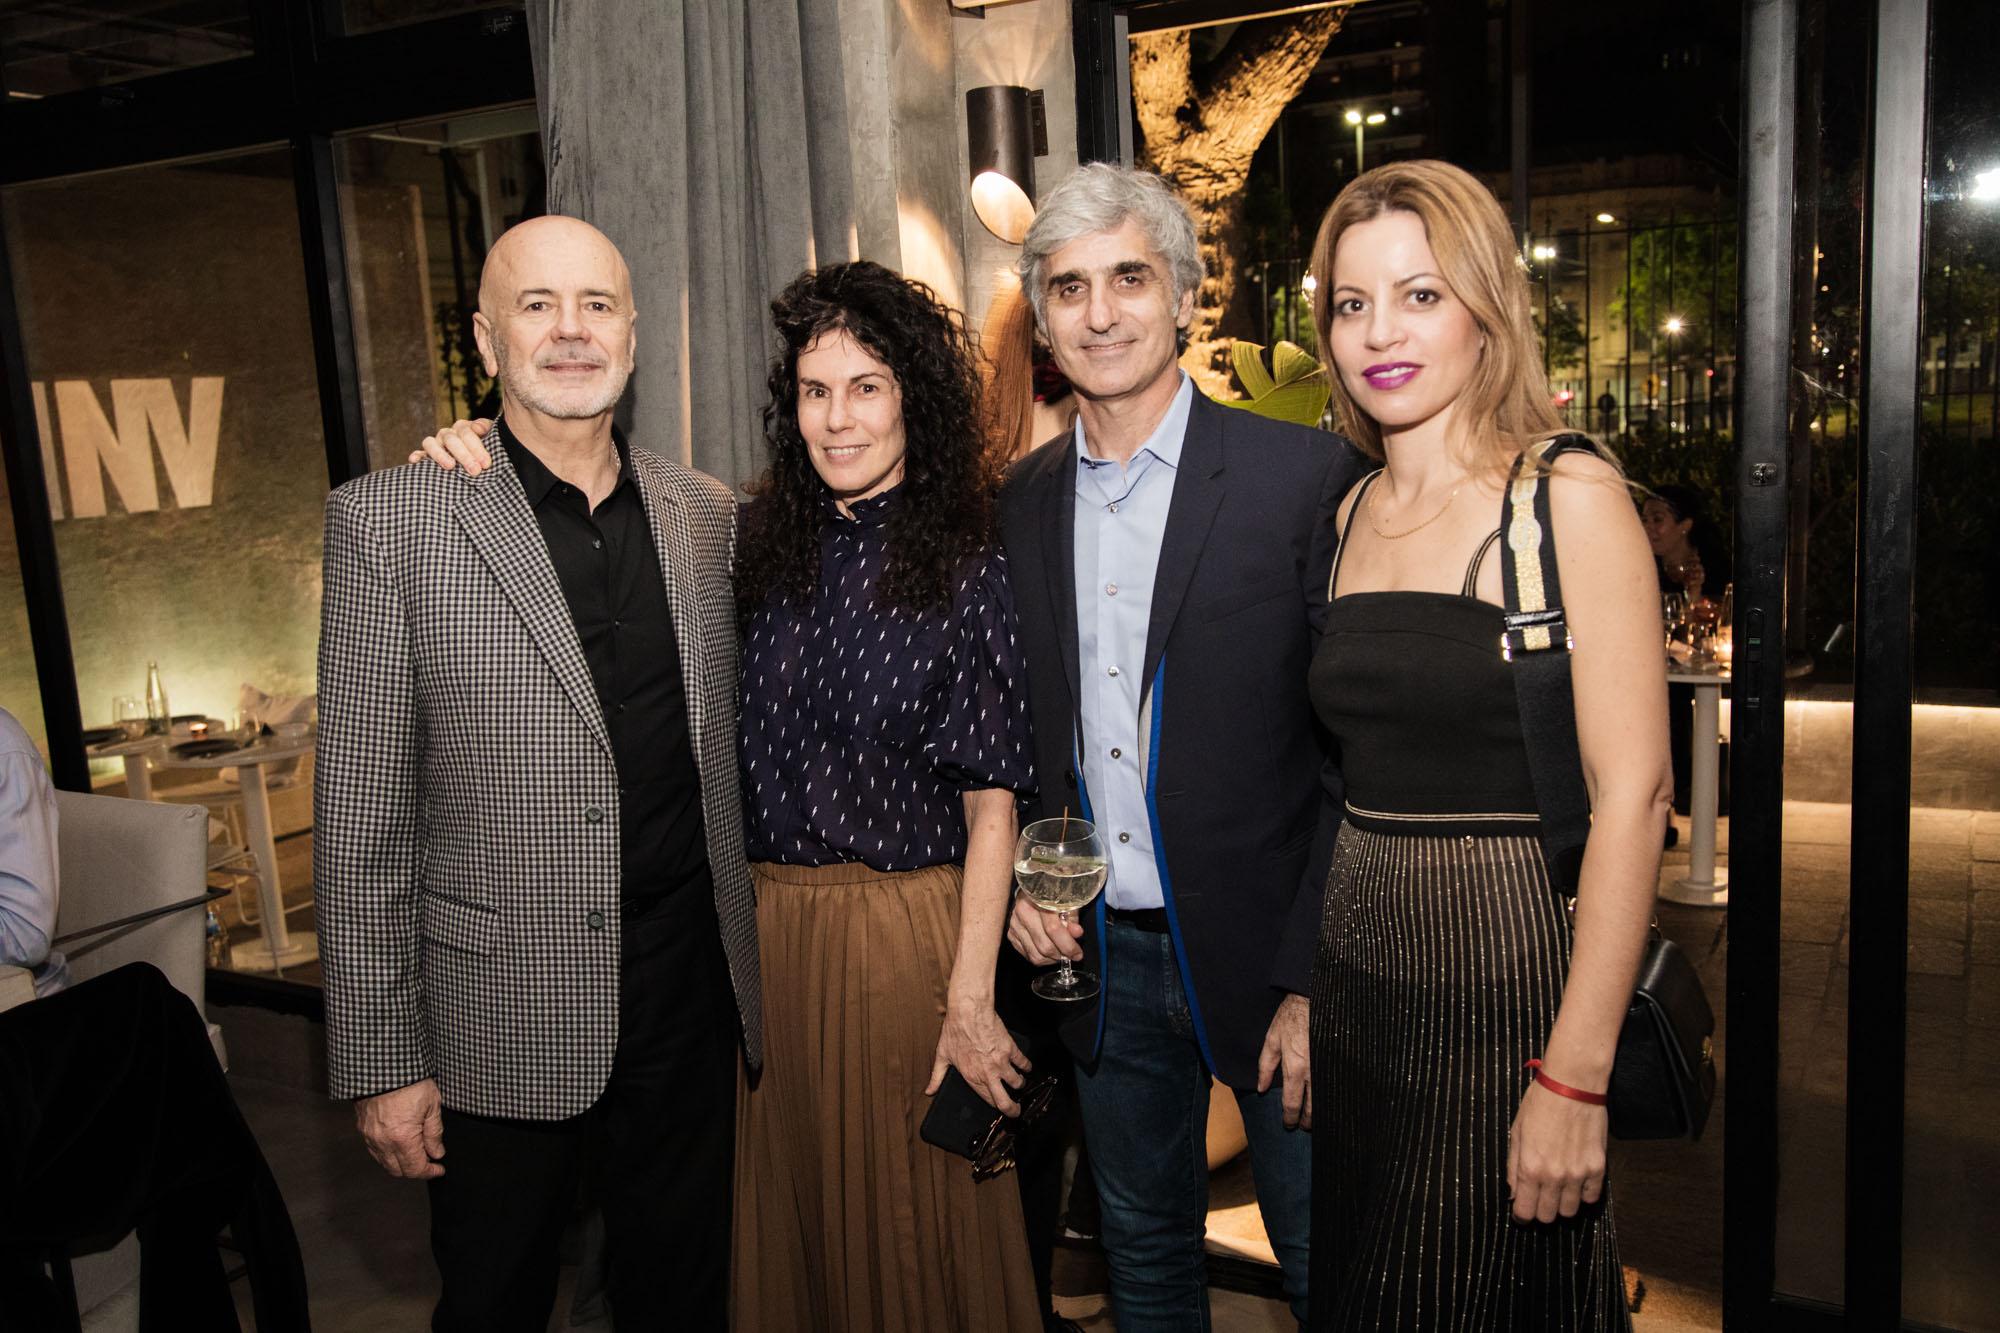 El director del Complejo Teatral de Buenos Aires, Jorge Telerman; junto a su pareja Cynthia Cohen, Mariano Hillar y Nuria Quintela